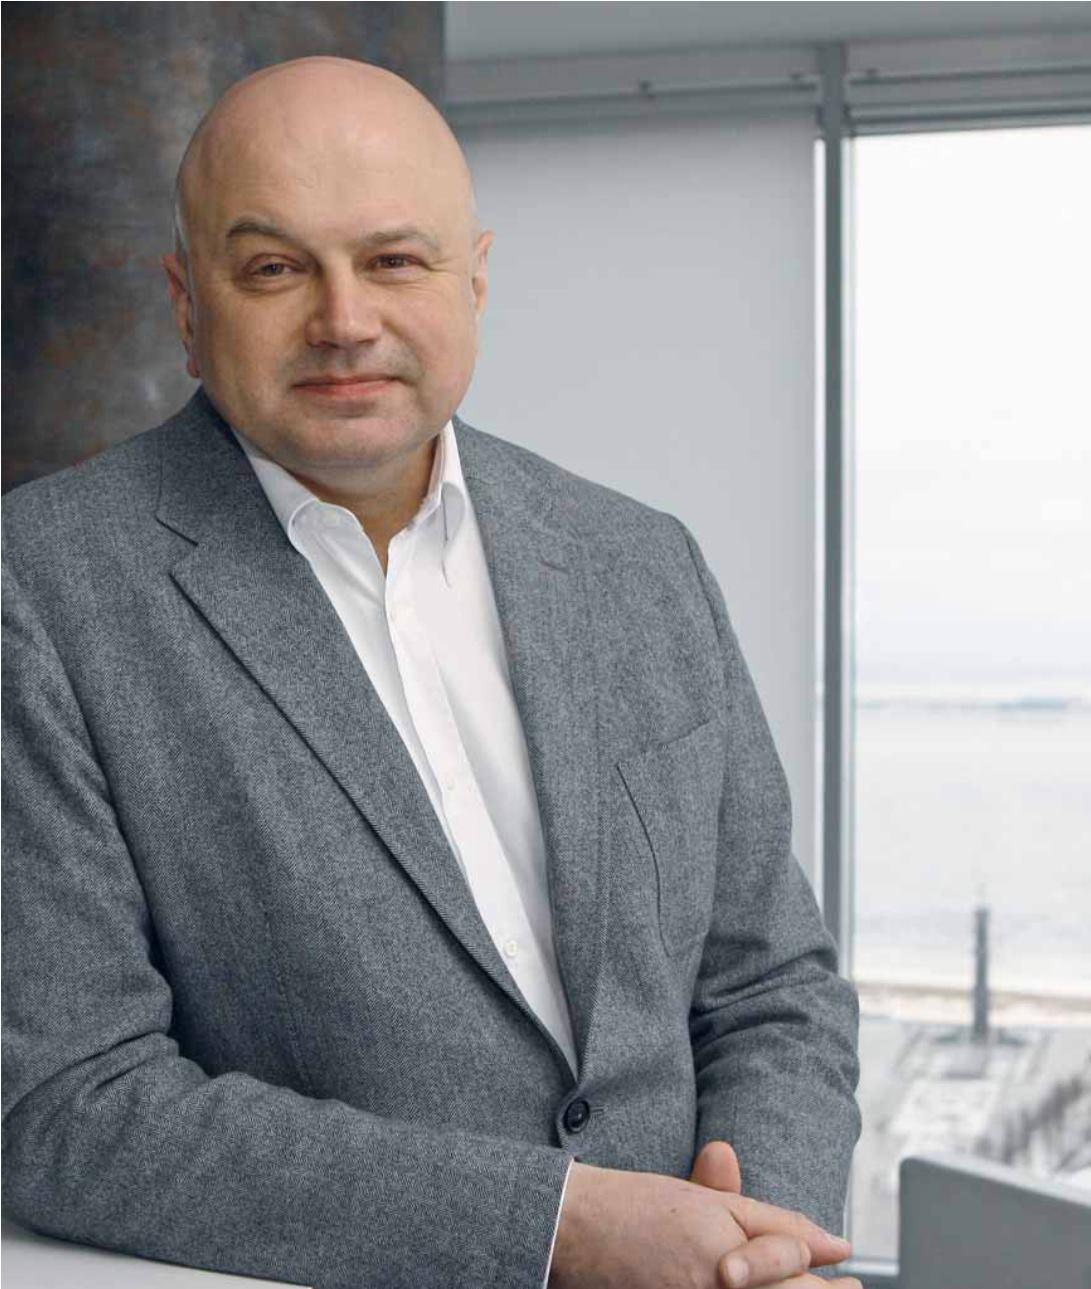 Как председатель банка «Праймфинанс» украл у самого себя 268 миллионов рублей